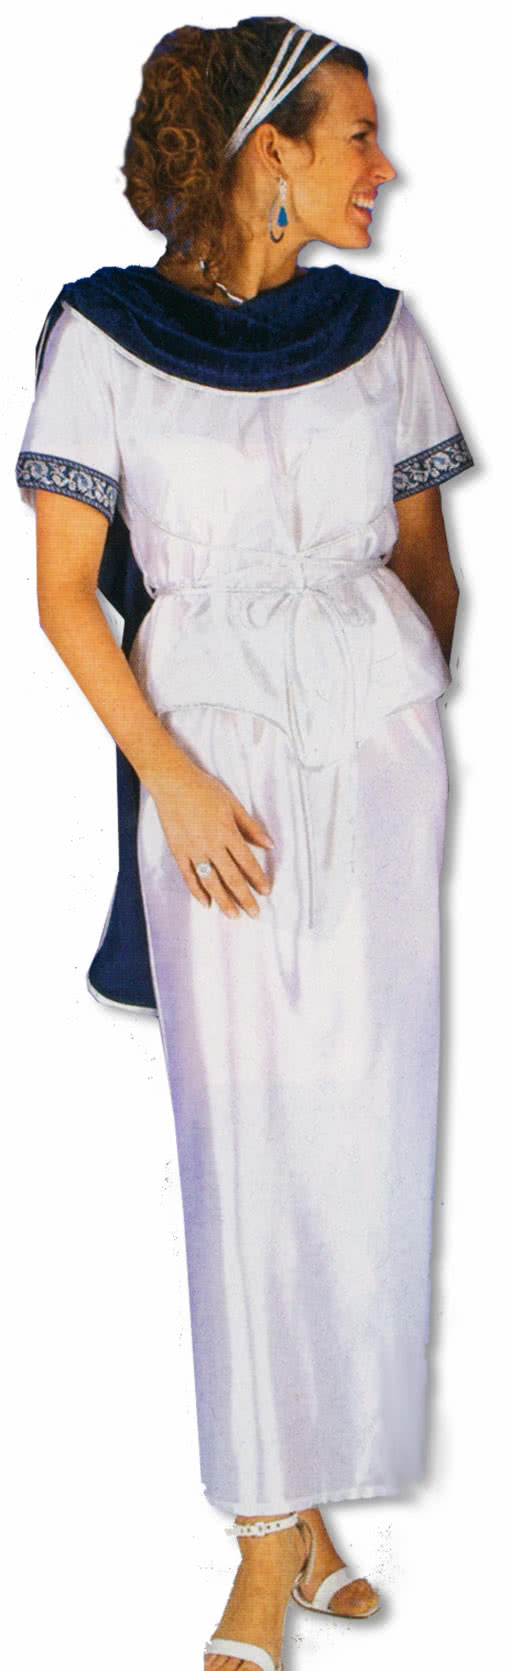 helen of troy costume - Helen Of Troy Halloween Costume